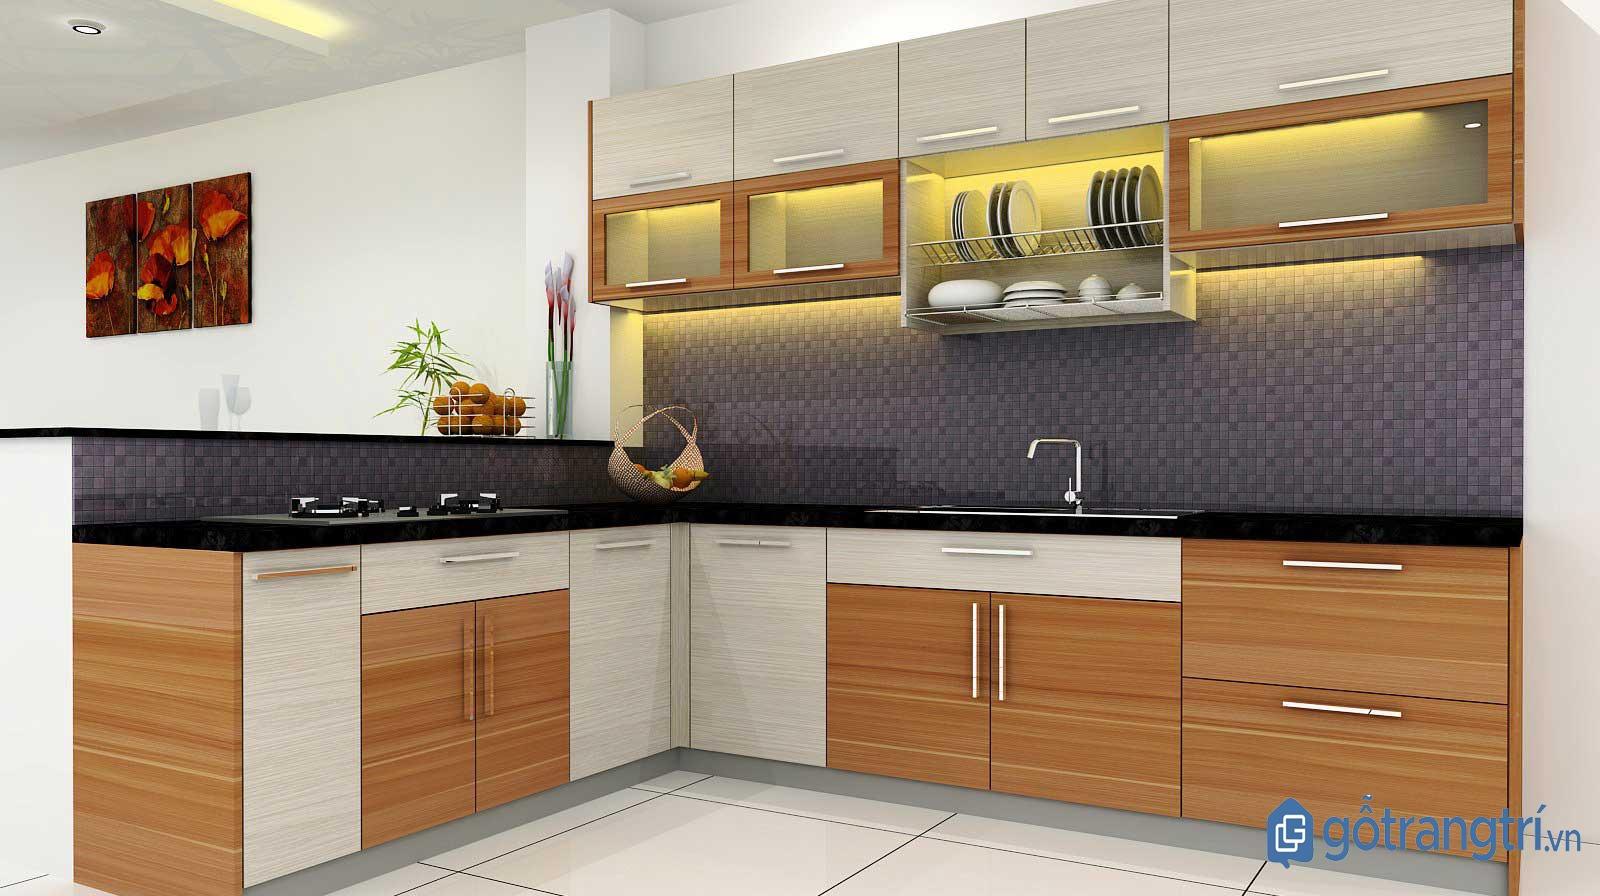 tủ kệ trang trí phòng bếp